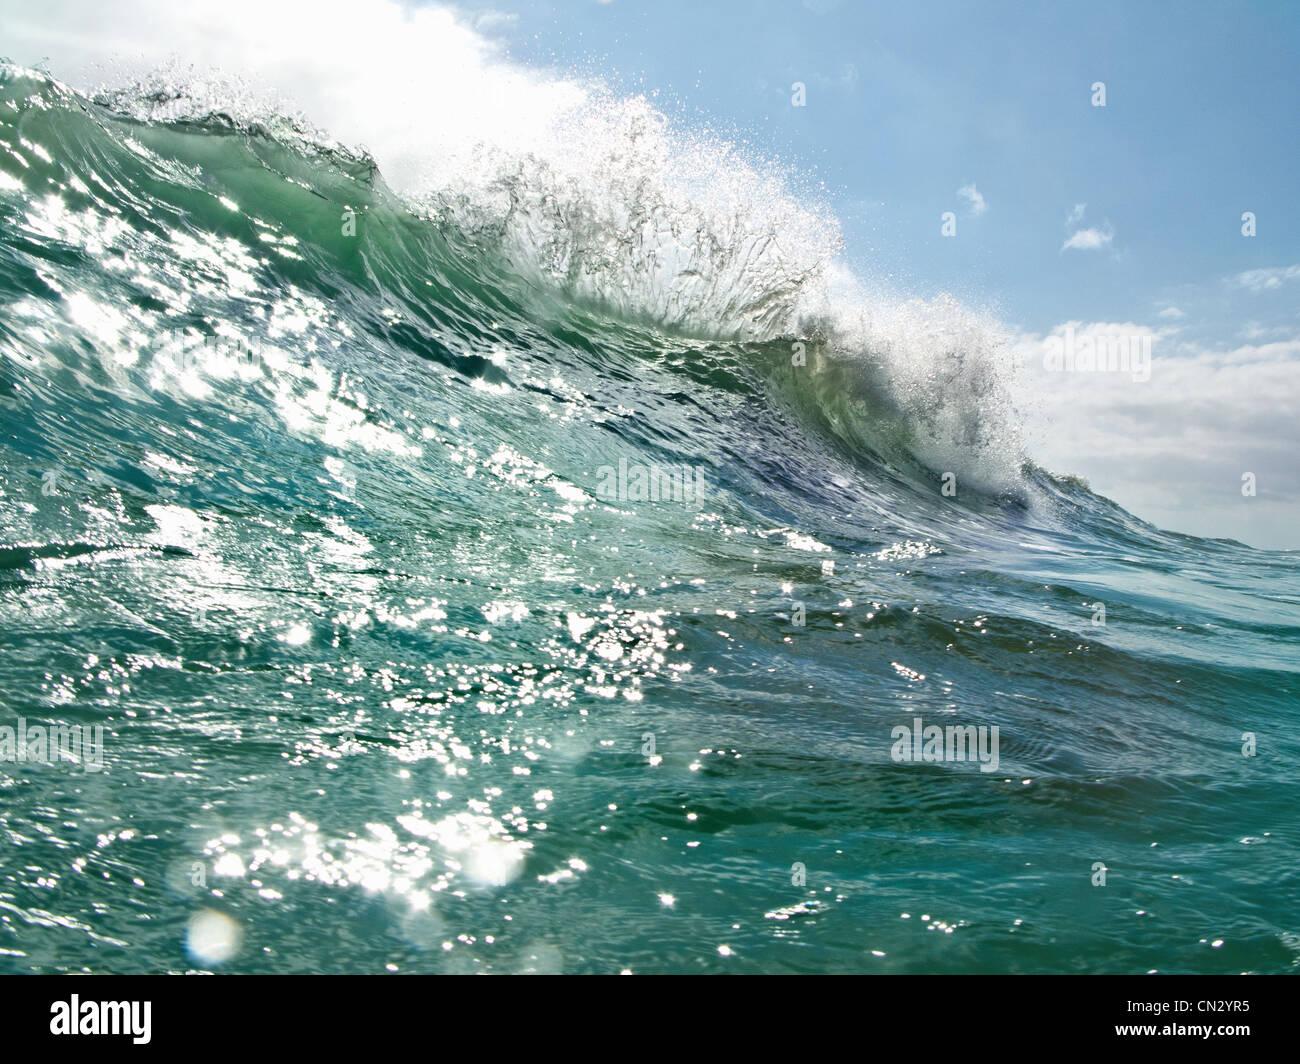 Ocean wave - Stock Image